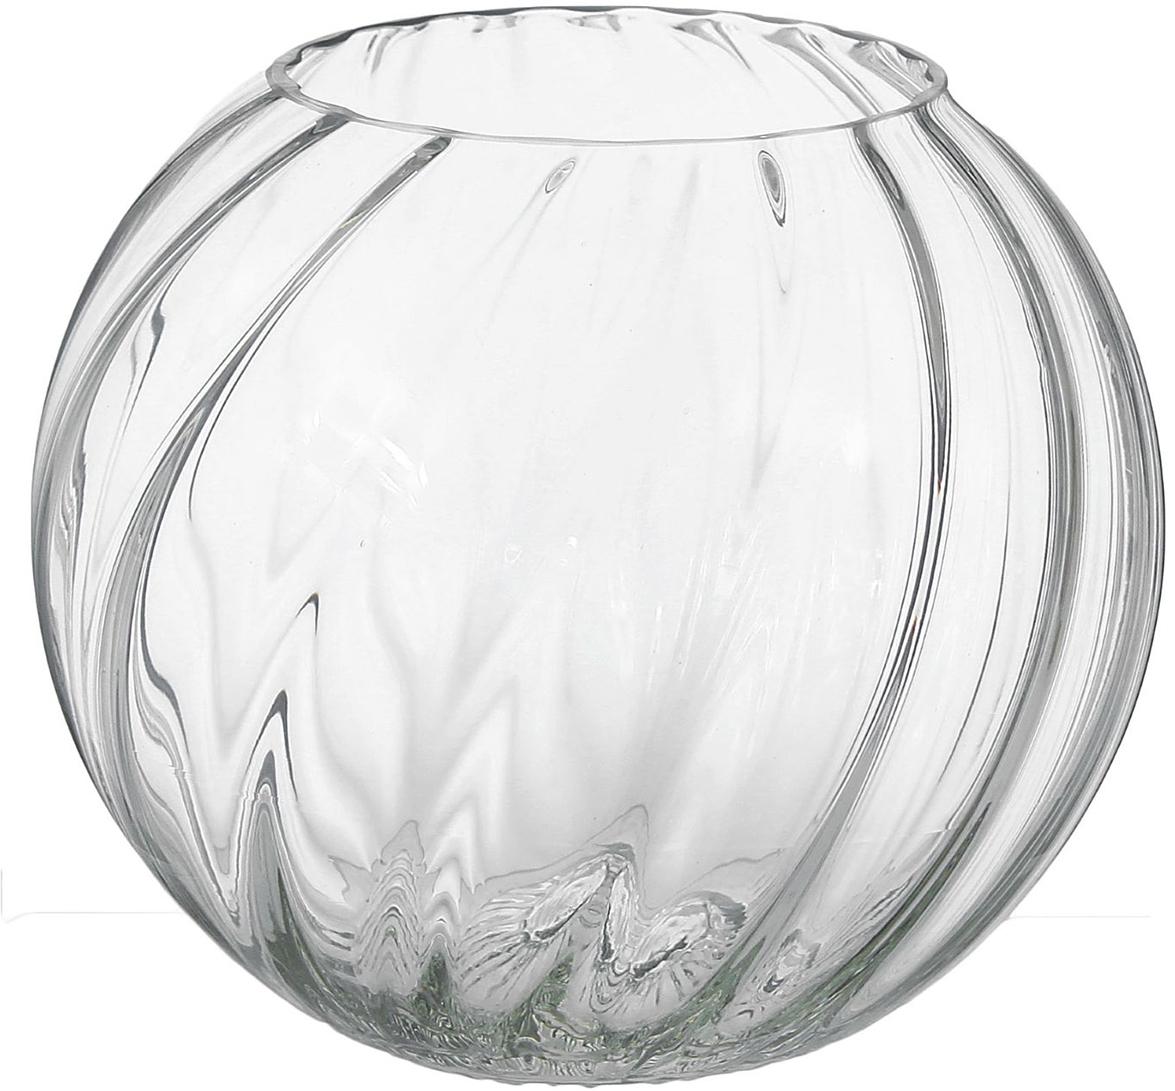 Ваза Шар, 16 см1346372Ваза Шар станет необычным украшением вашей комнаты. Эта ваза станет прекрасным подарком на любое торжество. Ваза выполнена из высококачественного стекла. Ваза - привлекательная деталь, которая поможет воплотить вашу интерьерную идею, создать неповторимую атмосферу в вашем доме.